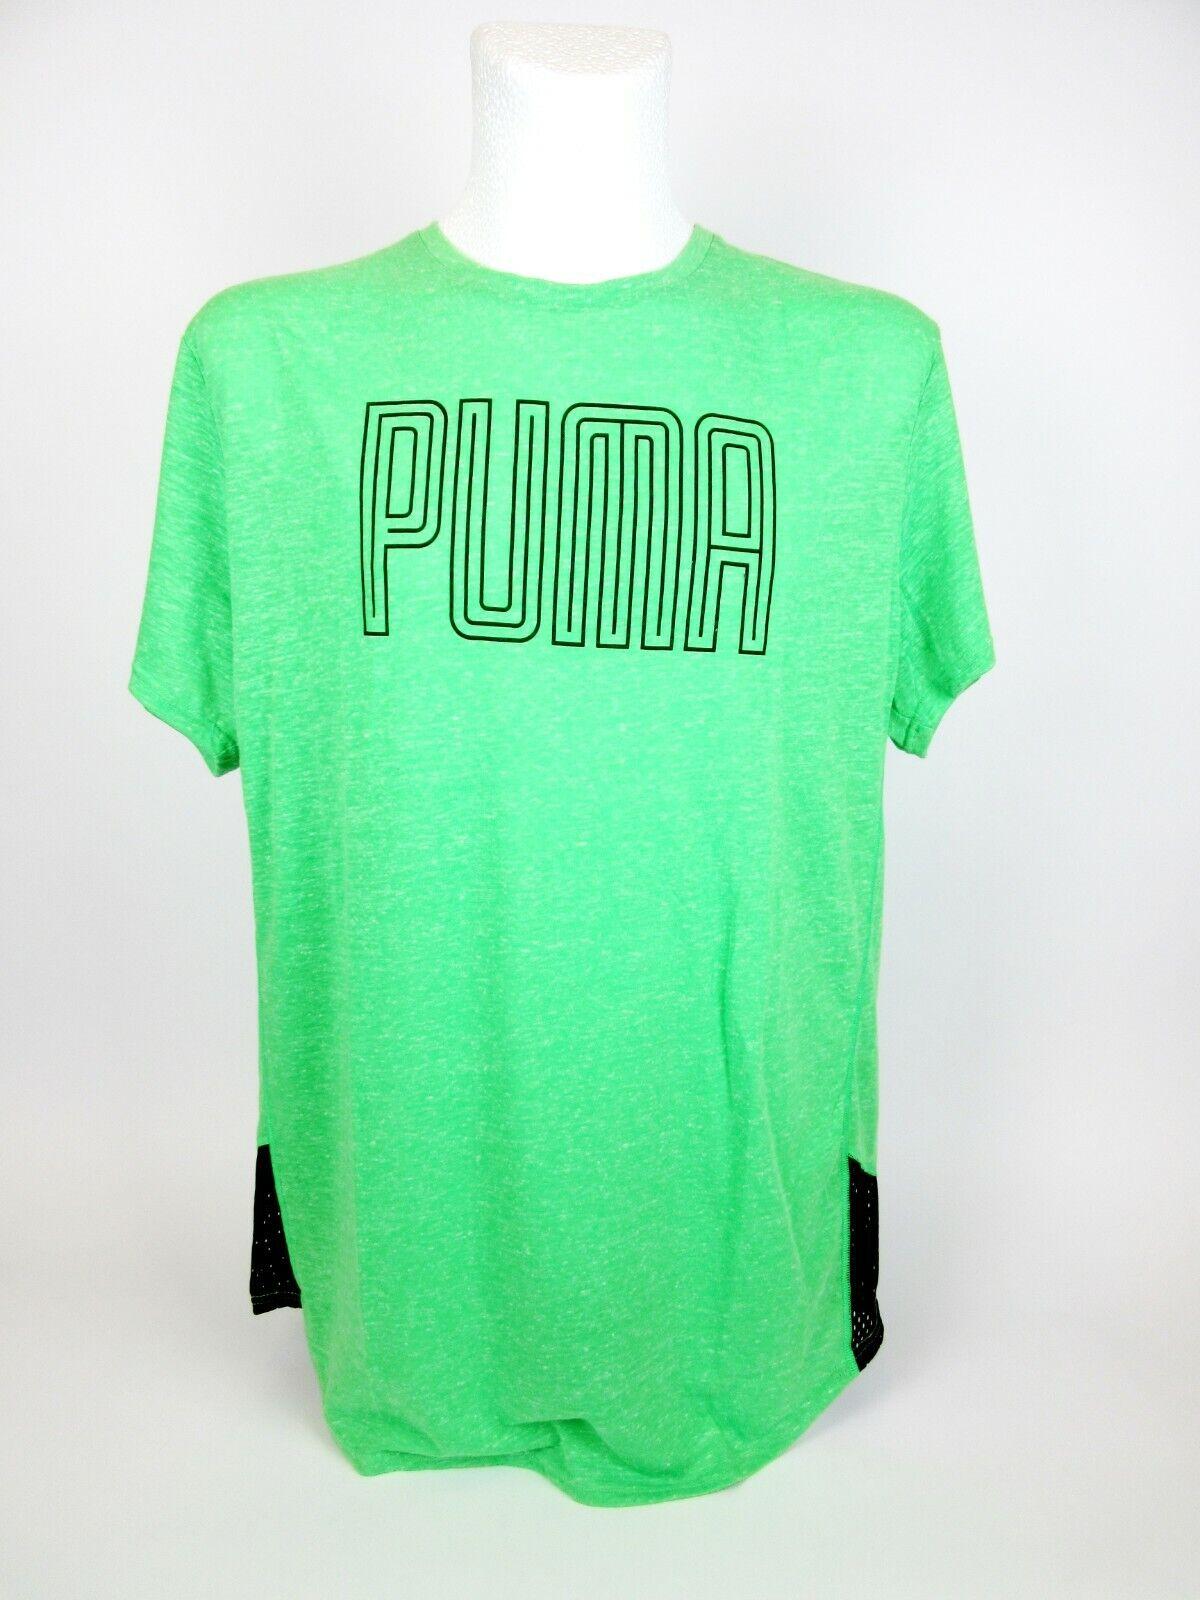 Puma Herren T Shirt Grün Größe XL Funktionsshirt Sport Laufshirt Kurzarm Fitness